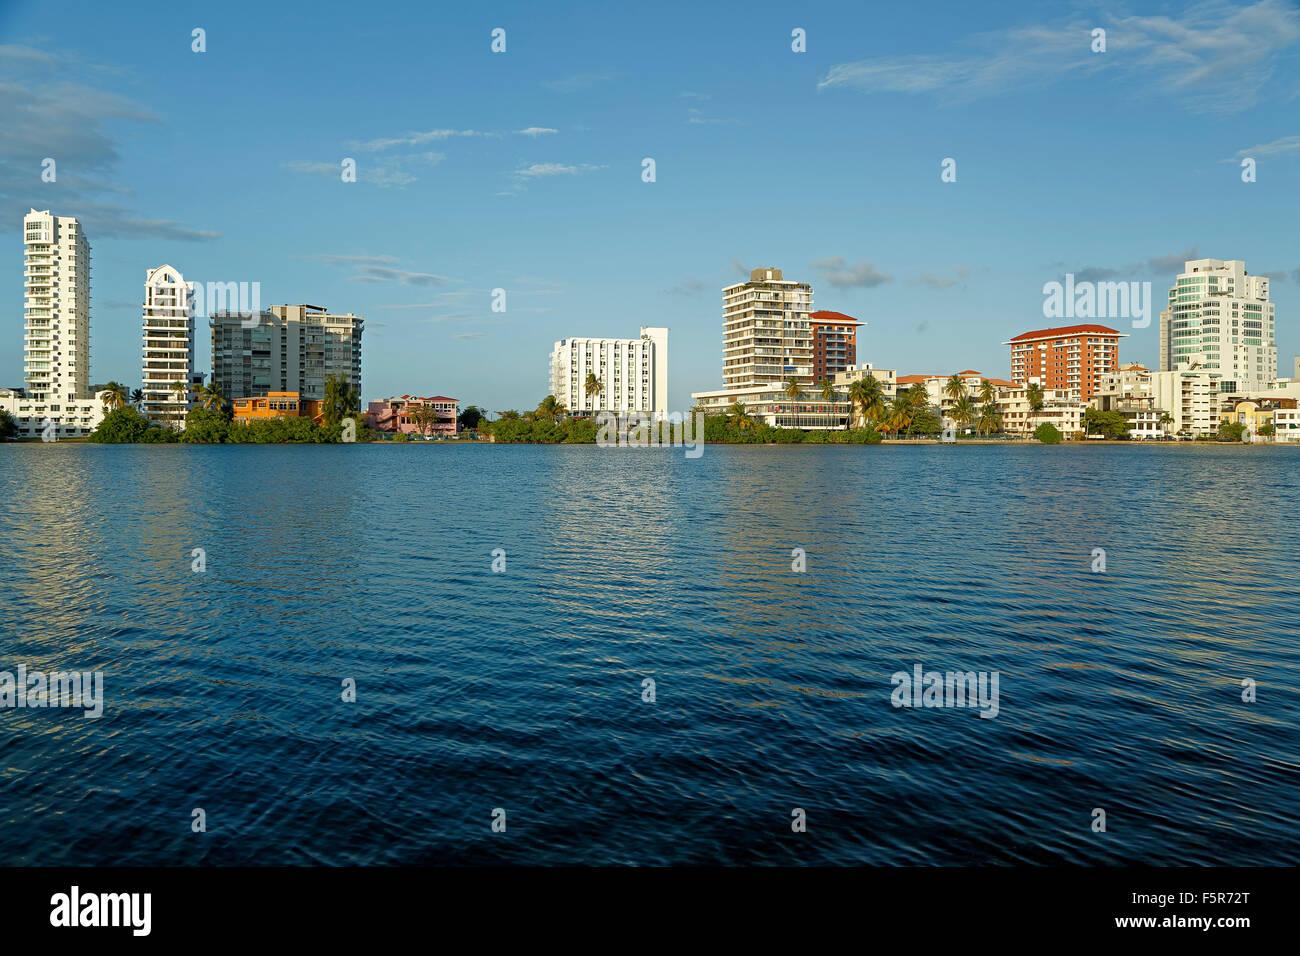 El Condado Lagune und Skyline, El Condado, San Juan, Puerto Rico Stockbild